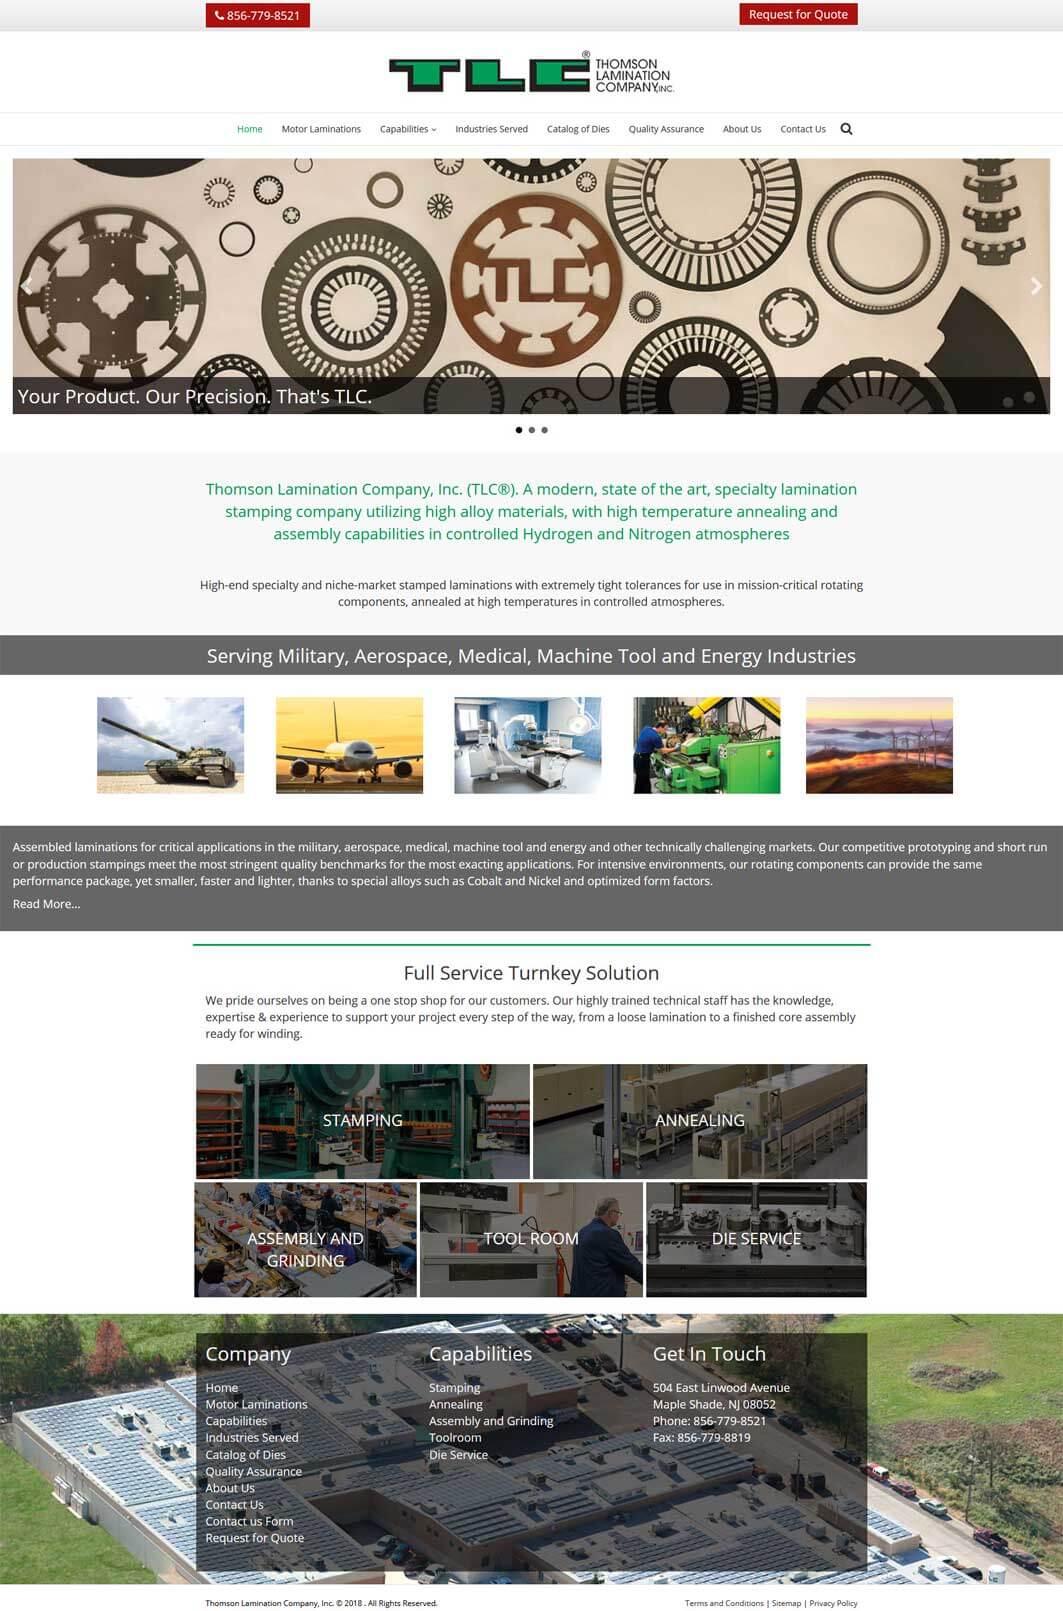 Thomson Lamination Company